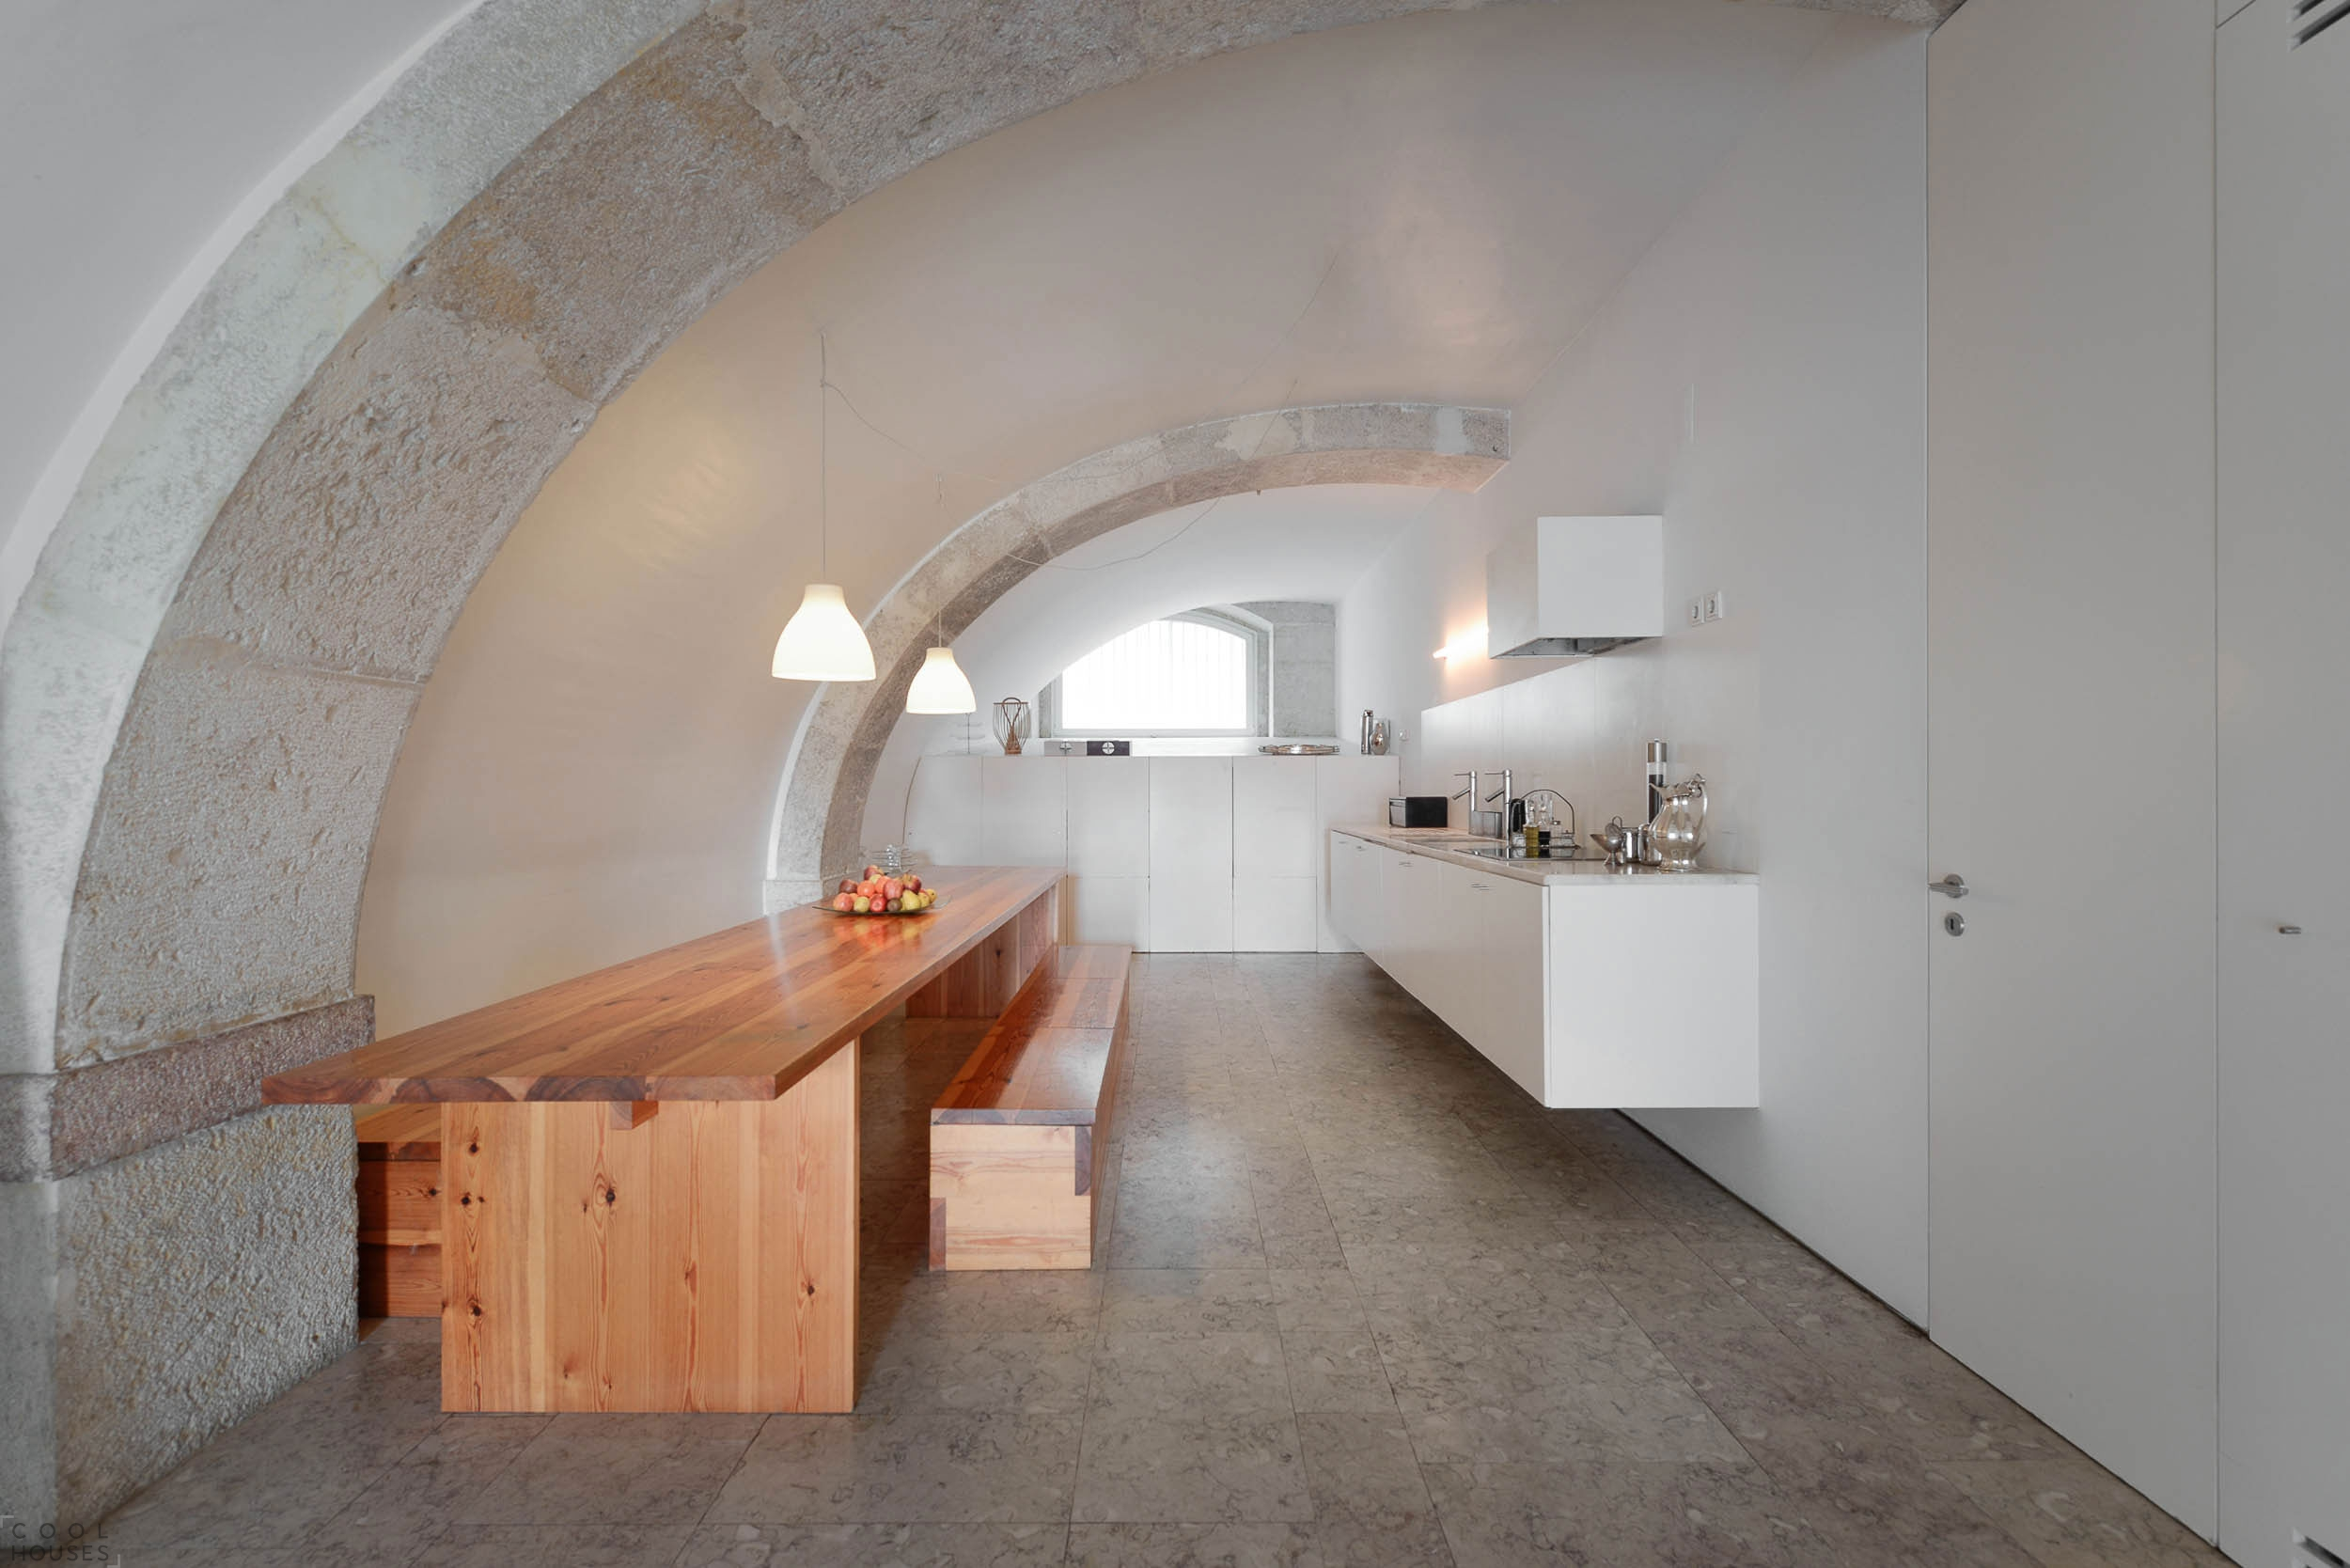 Потрясающий особняк, совмещающий элементы архитектуры 18 века с современным дизайном, в Лиссабоне, Португалия